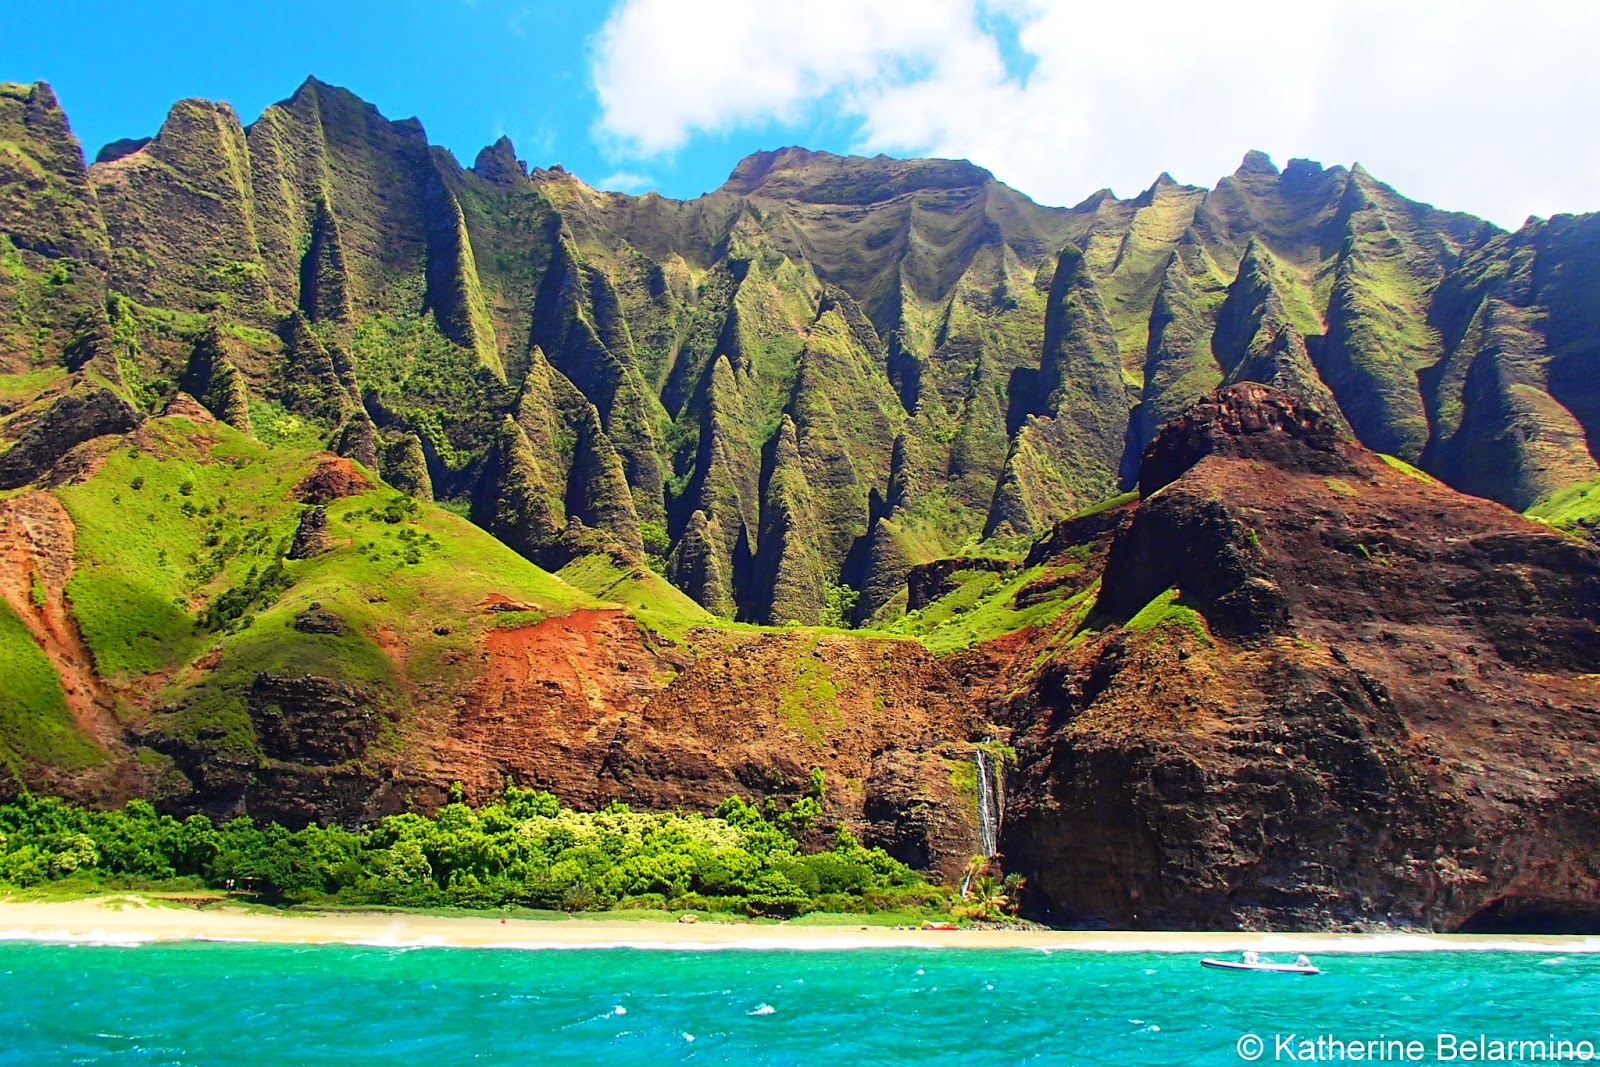 Kauai Hawaii: Touring Kauai's Na Pali Coast With Napali Catamaran